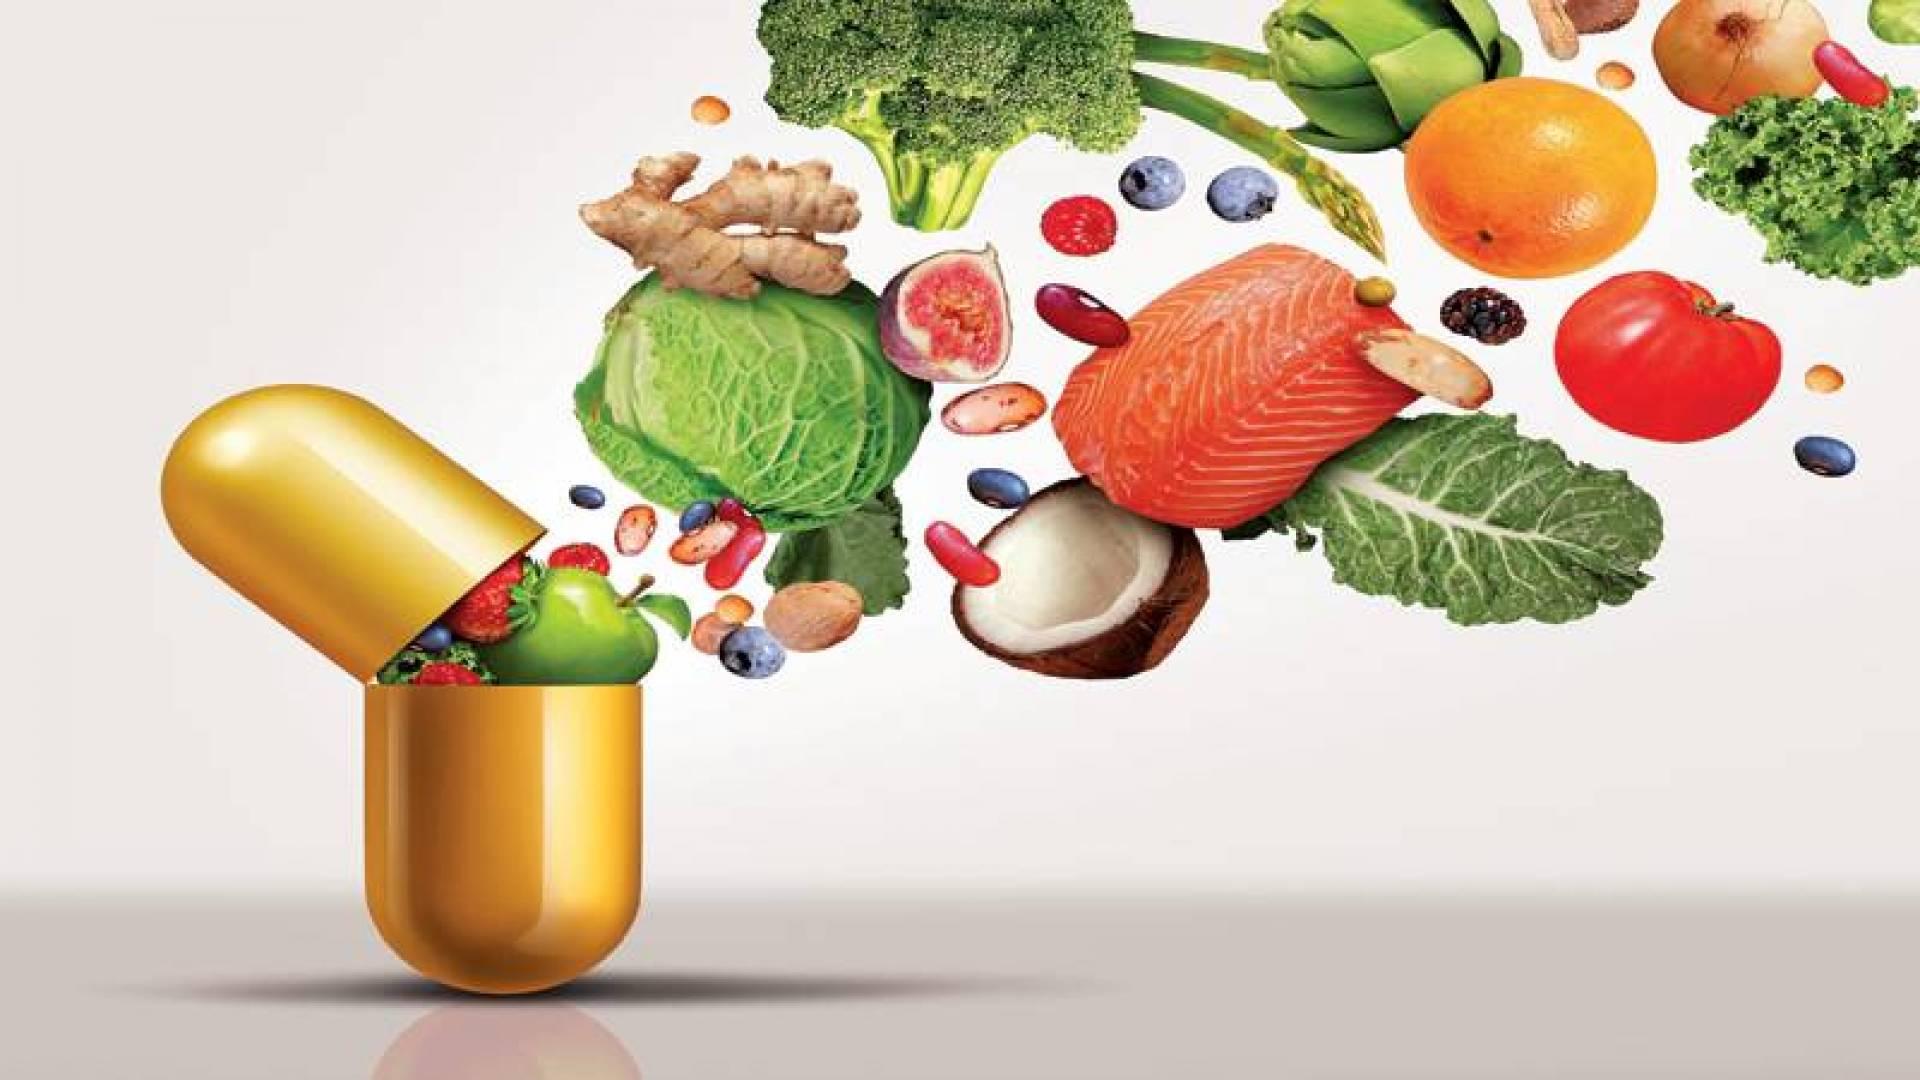 تحذير لمريضات «سرطان الثدي»: المكملات الغذائية خطر قاتل